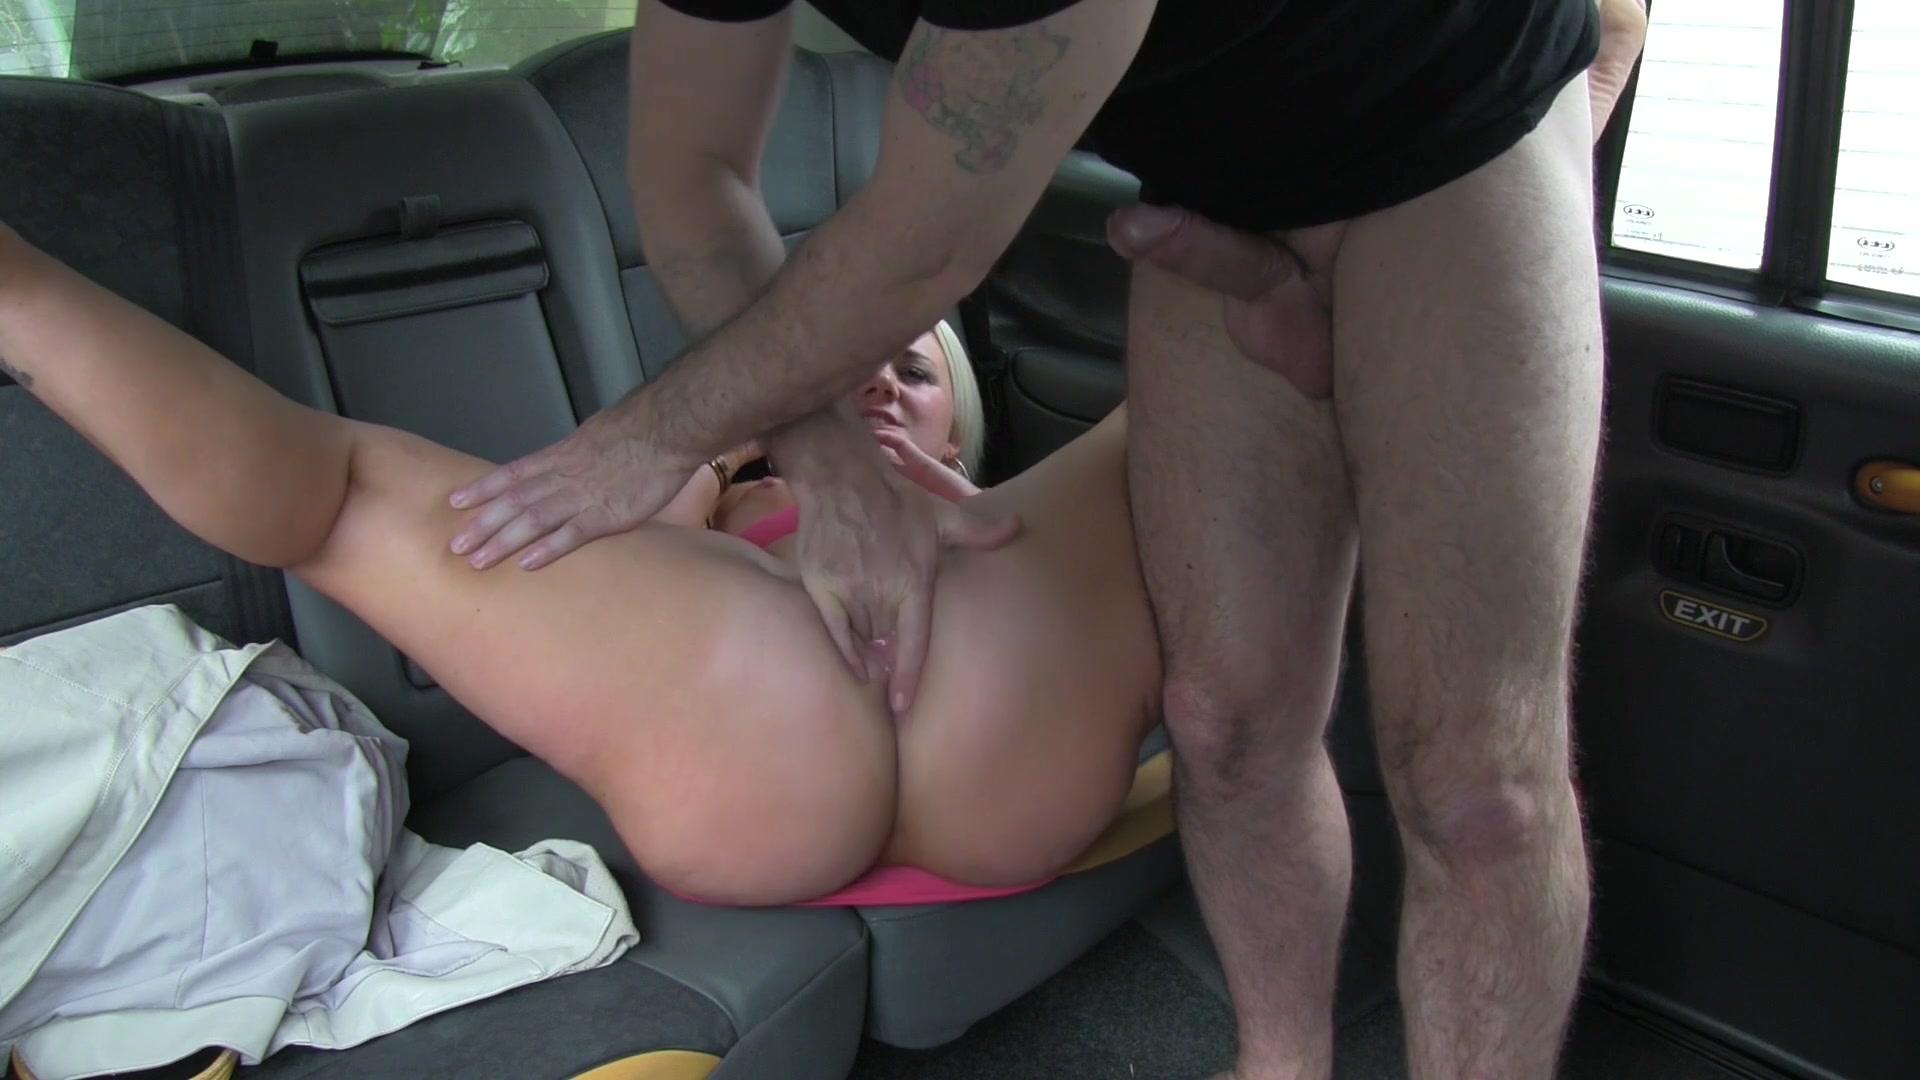 Секс истории секс с таксистом, Секс история - «Оплата за поезд в такси» 11 фотография